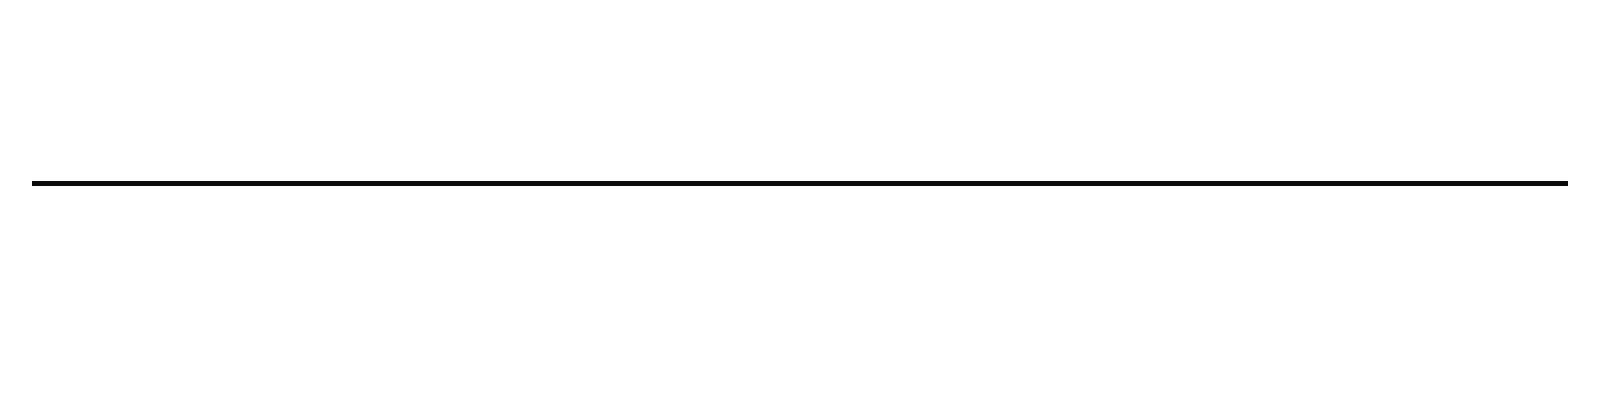 Textshop 06 line.jpg